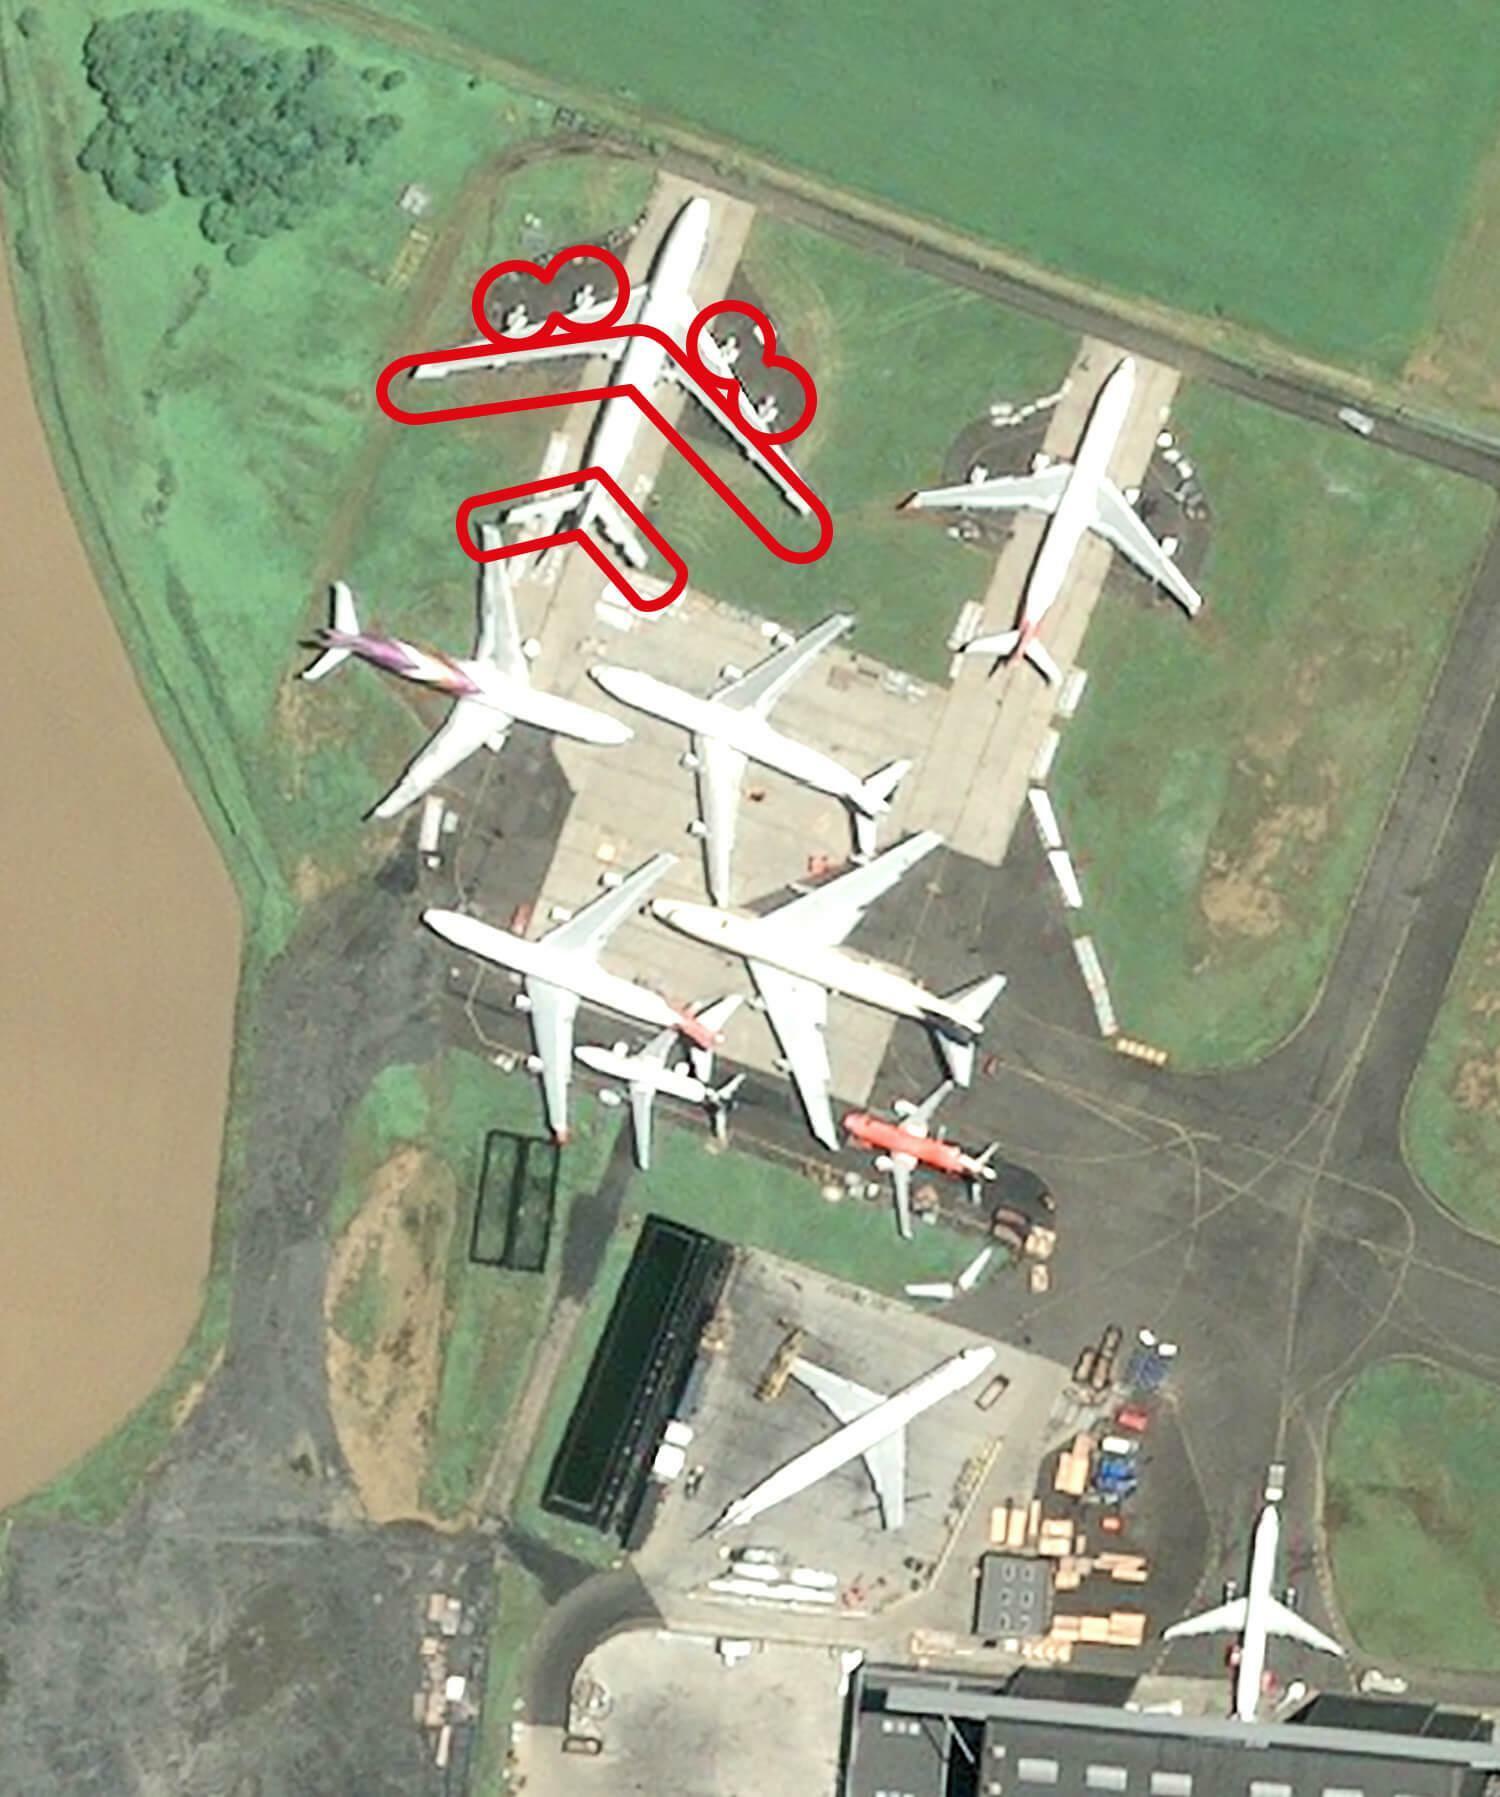 Am neuesten Schrottplatz recycelt die Airbus-Tochter Tarmac vor allem kleinere Propellermaschinen.